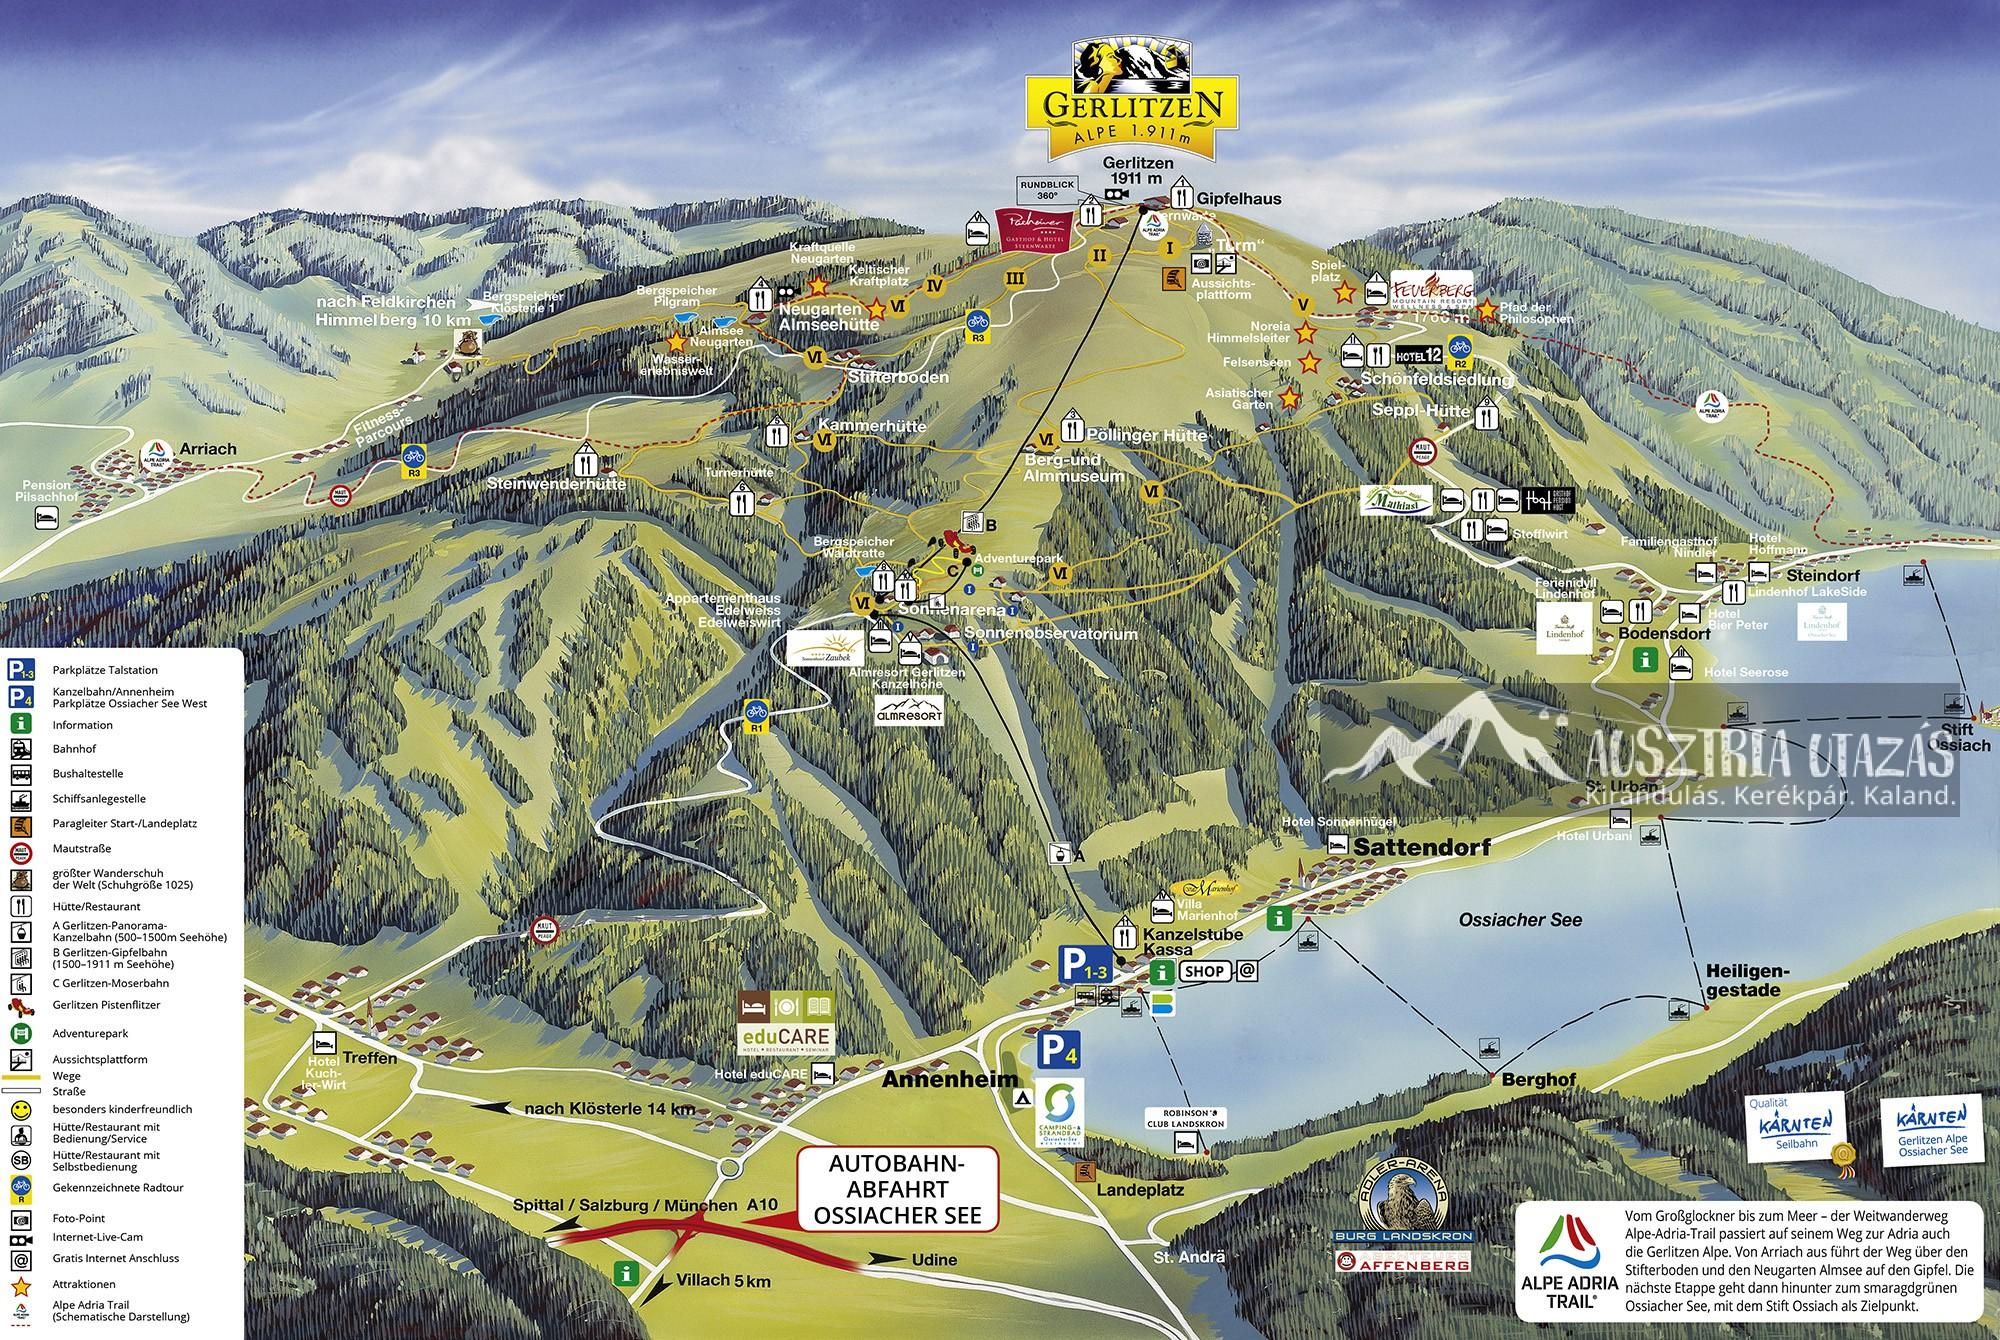 Gerlitzen nyári felvonók és térkép